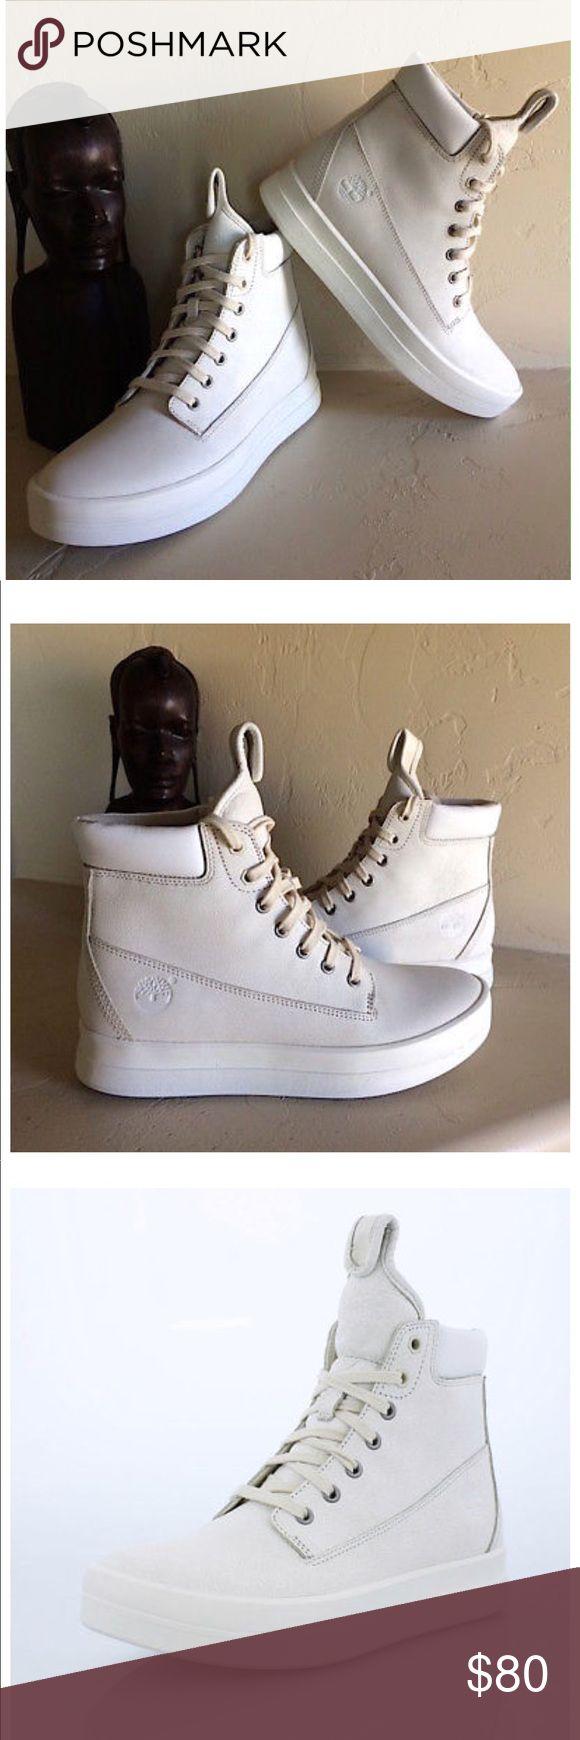 Brand new White Timberland Mayliss boots 6.5